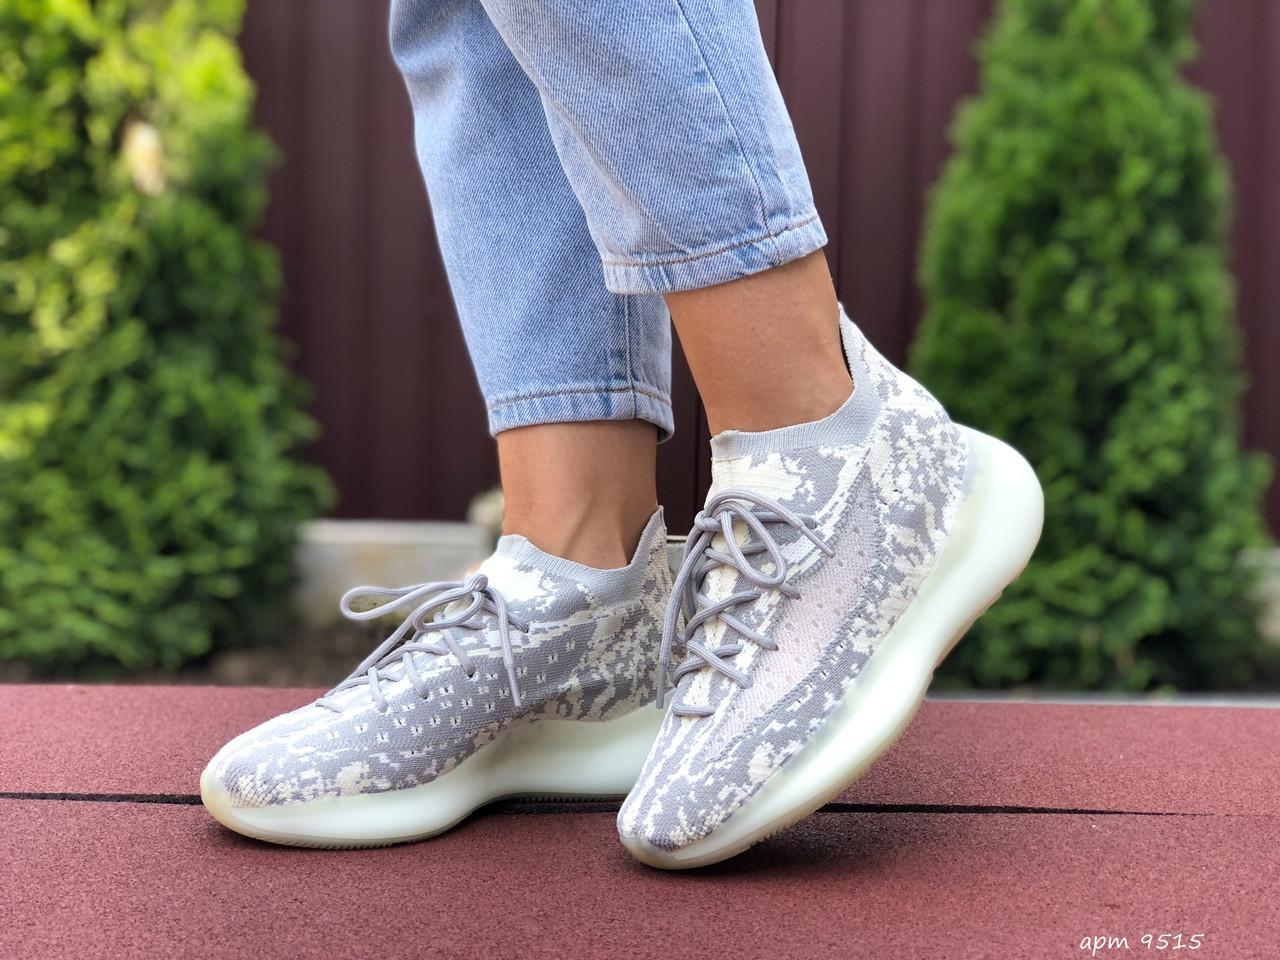 Жіночі кросівки Adidas Yeezy Boost 380 (сіро-білі) 9515